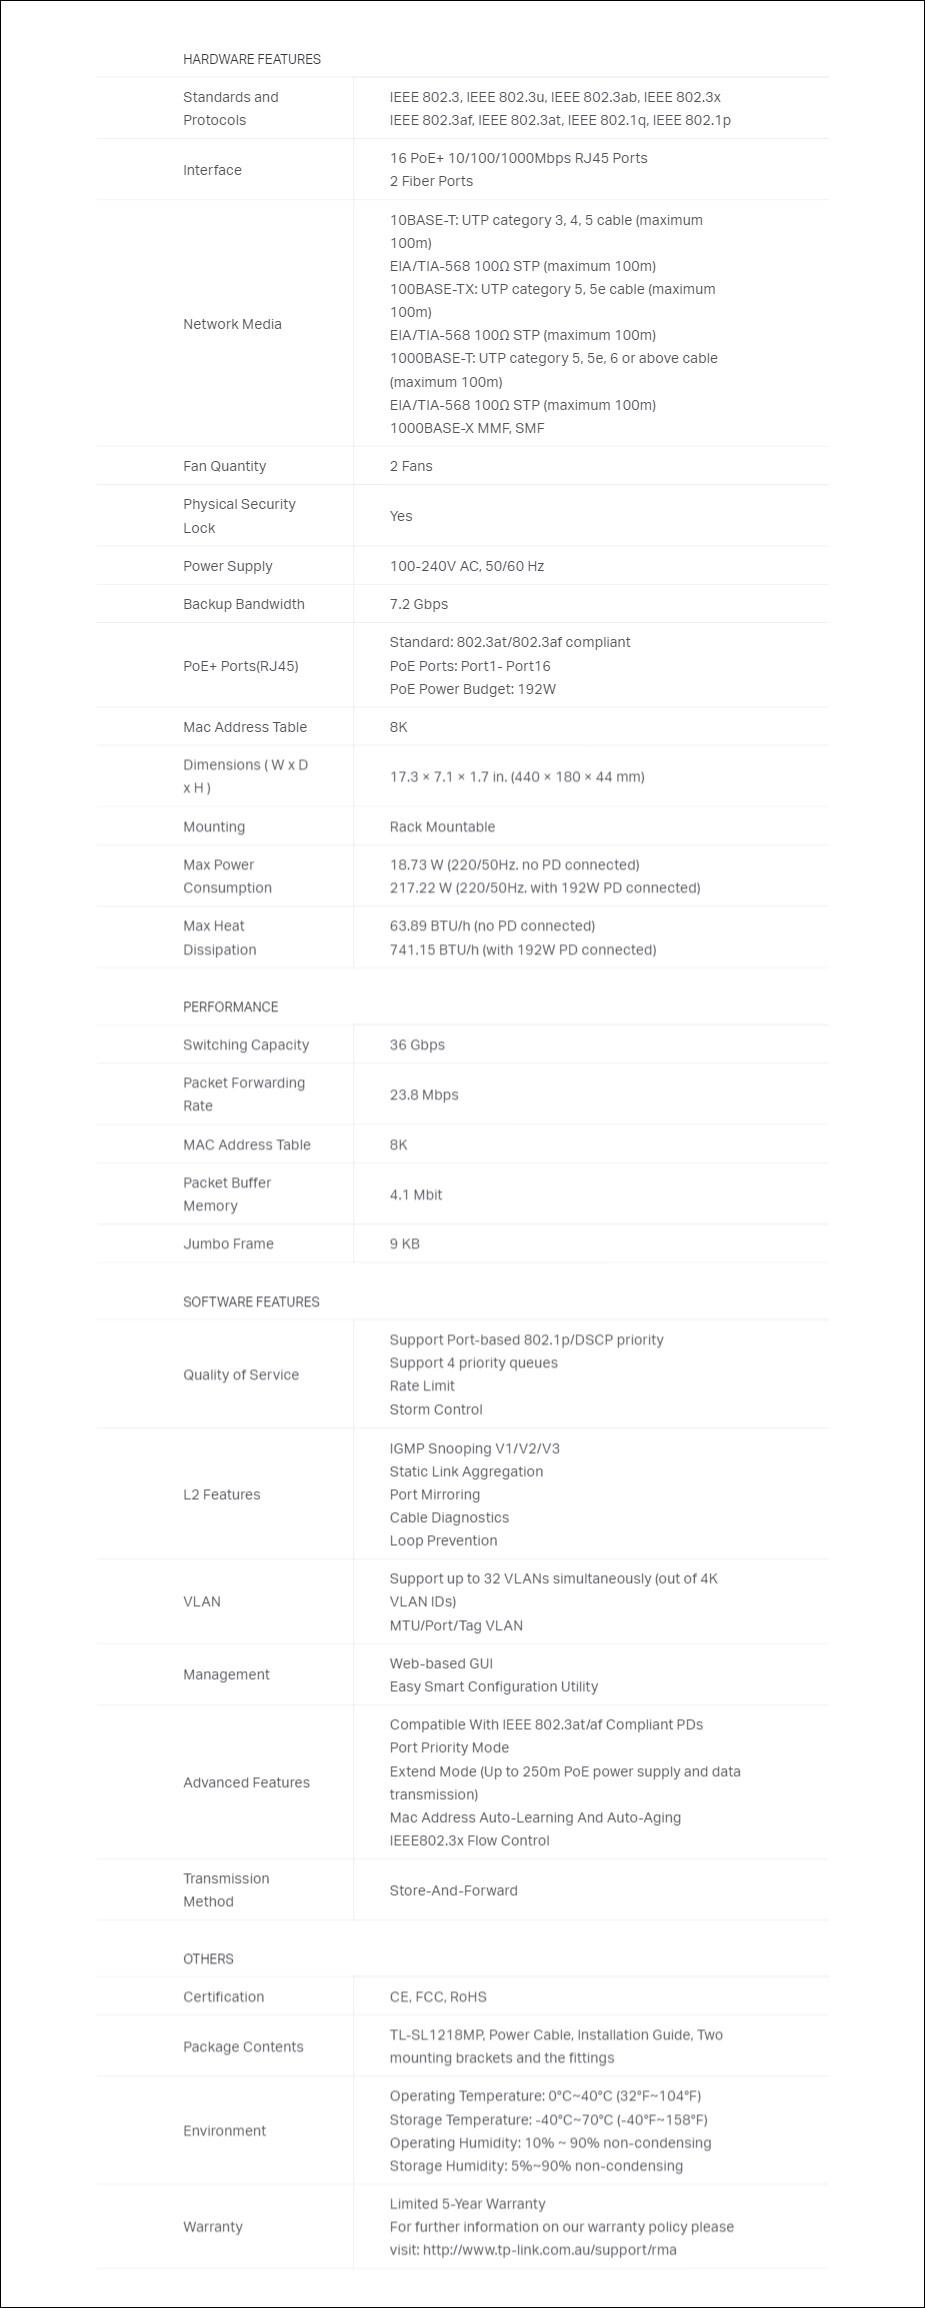 TP-Link JetStream 16-Port Gigabit Easy Smart PoE/PoE+ Switch - Overview 2